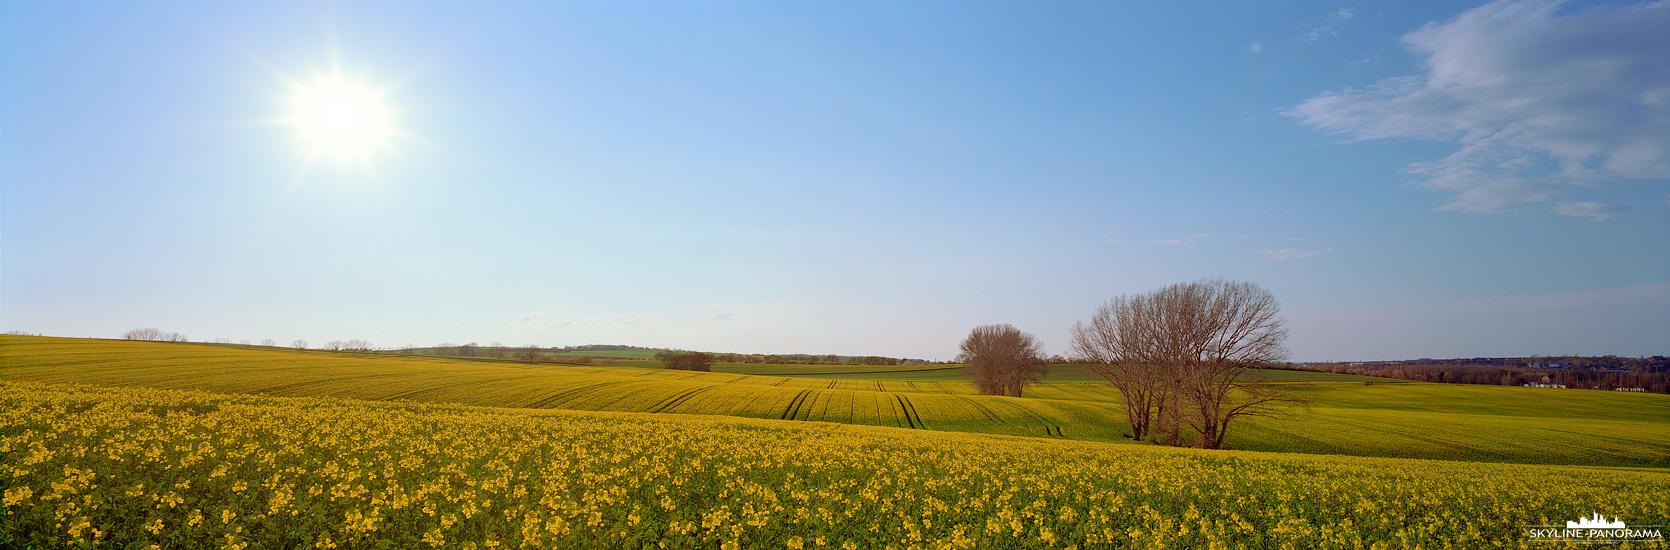 Bilder aus Mitteldeutschland - Ein in der Blüte stehendes Rapsfeld in der Nähe von Aschersleben, am östlichen Rand des Harzes.